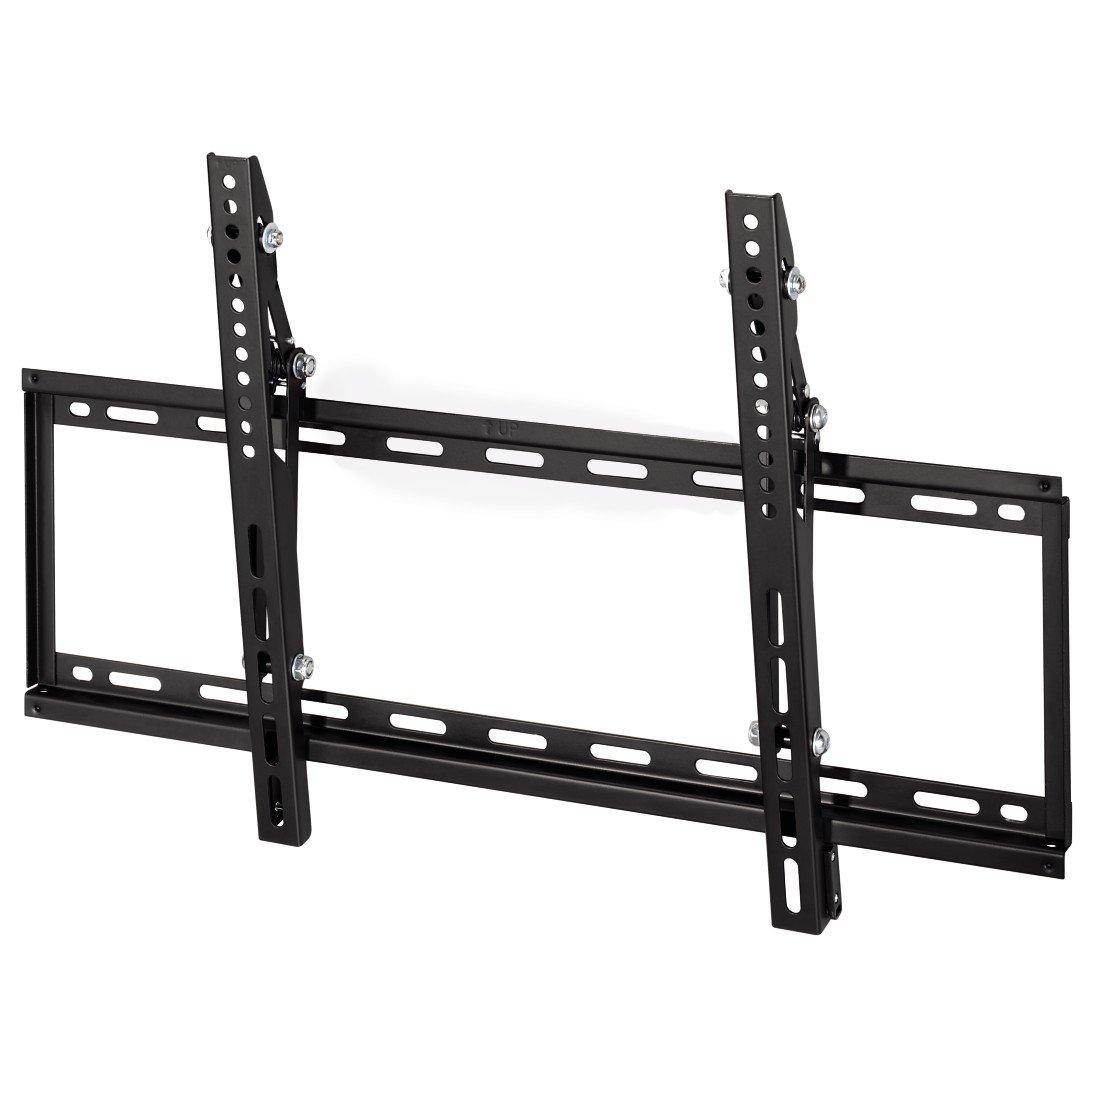 Hama Tv Wandhalterung Motion Neigbar Für 81 Cm 142 Cm Diagonale